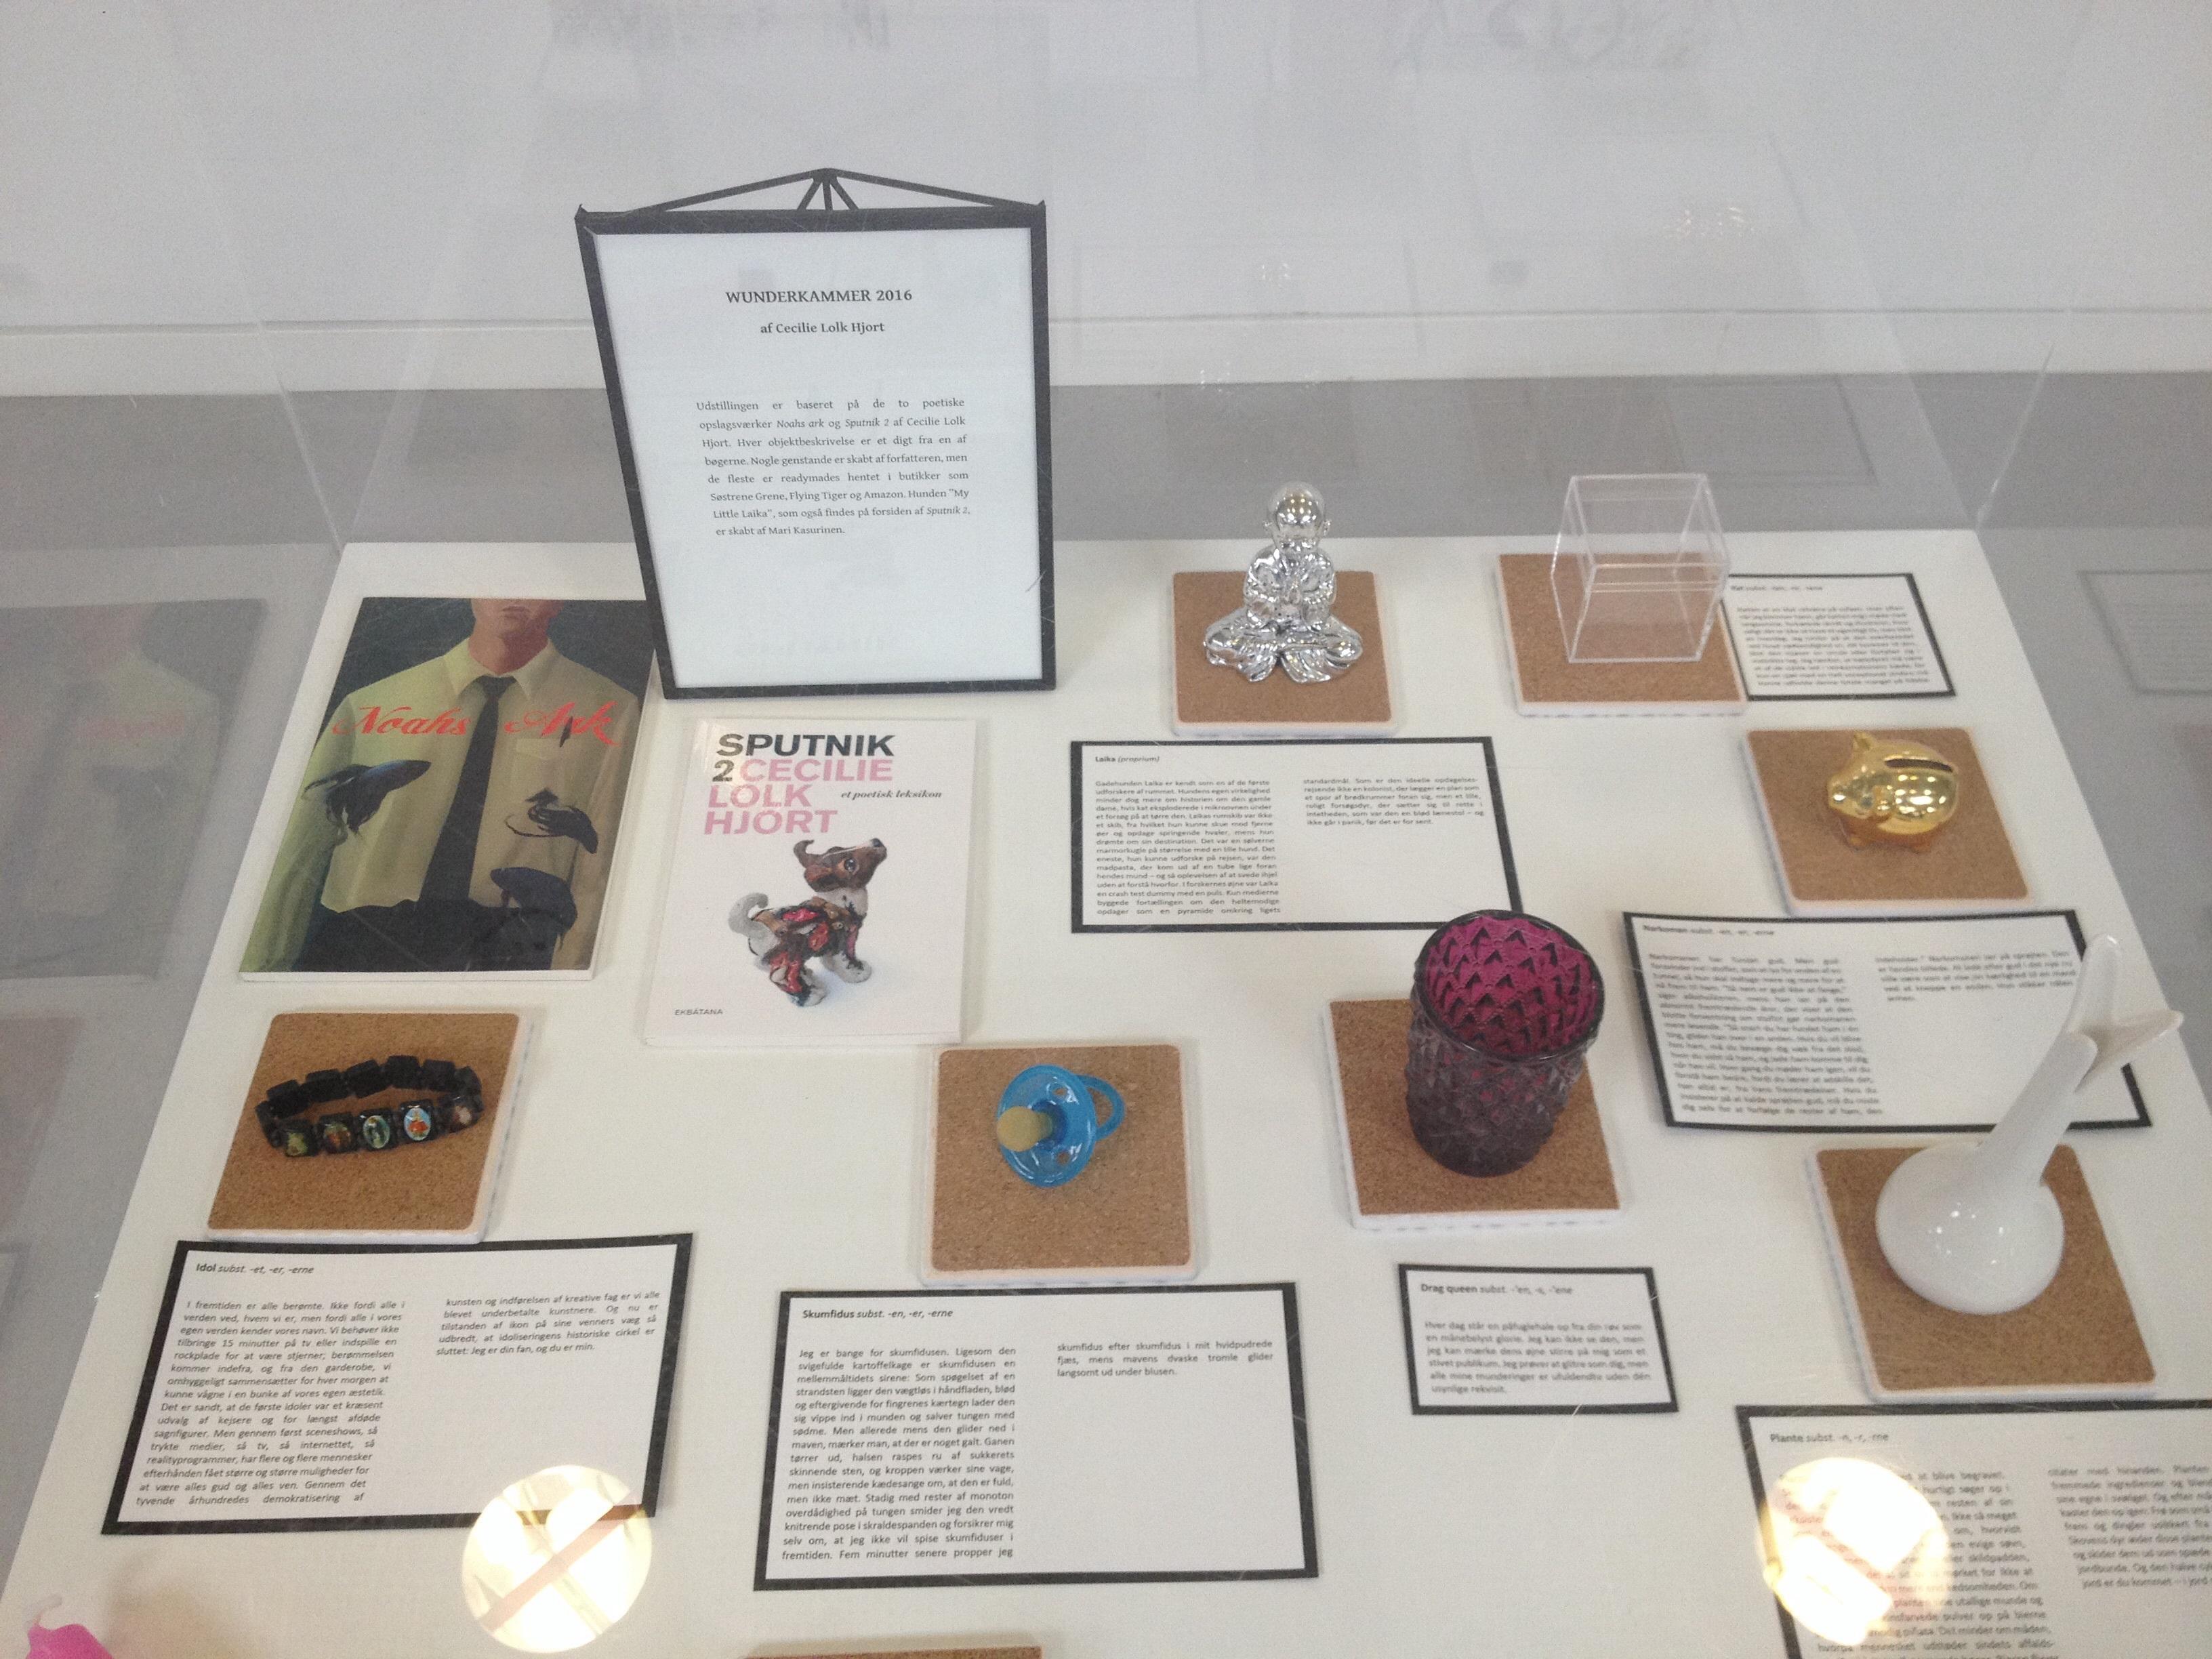 Wunderkammer, Cecilie Lolk Hjort, Sputnik 2, Noahs ark, Hørsholm bibliotek